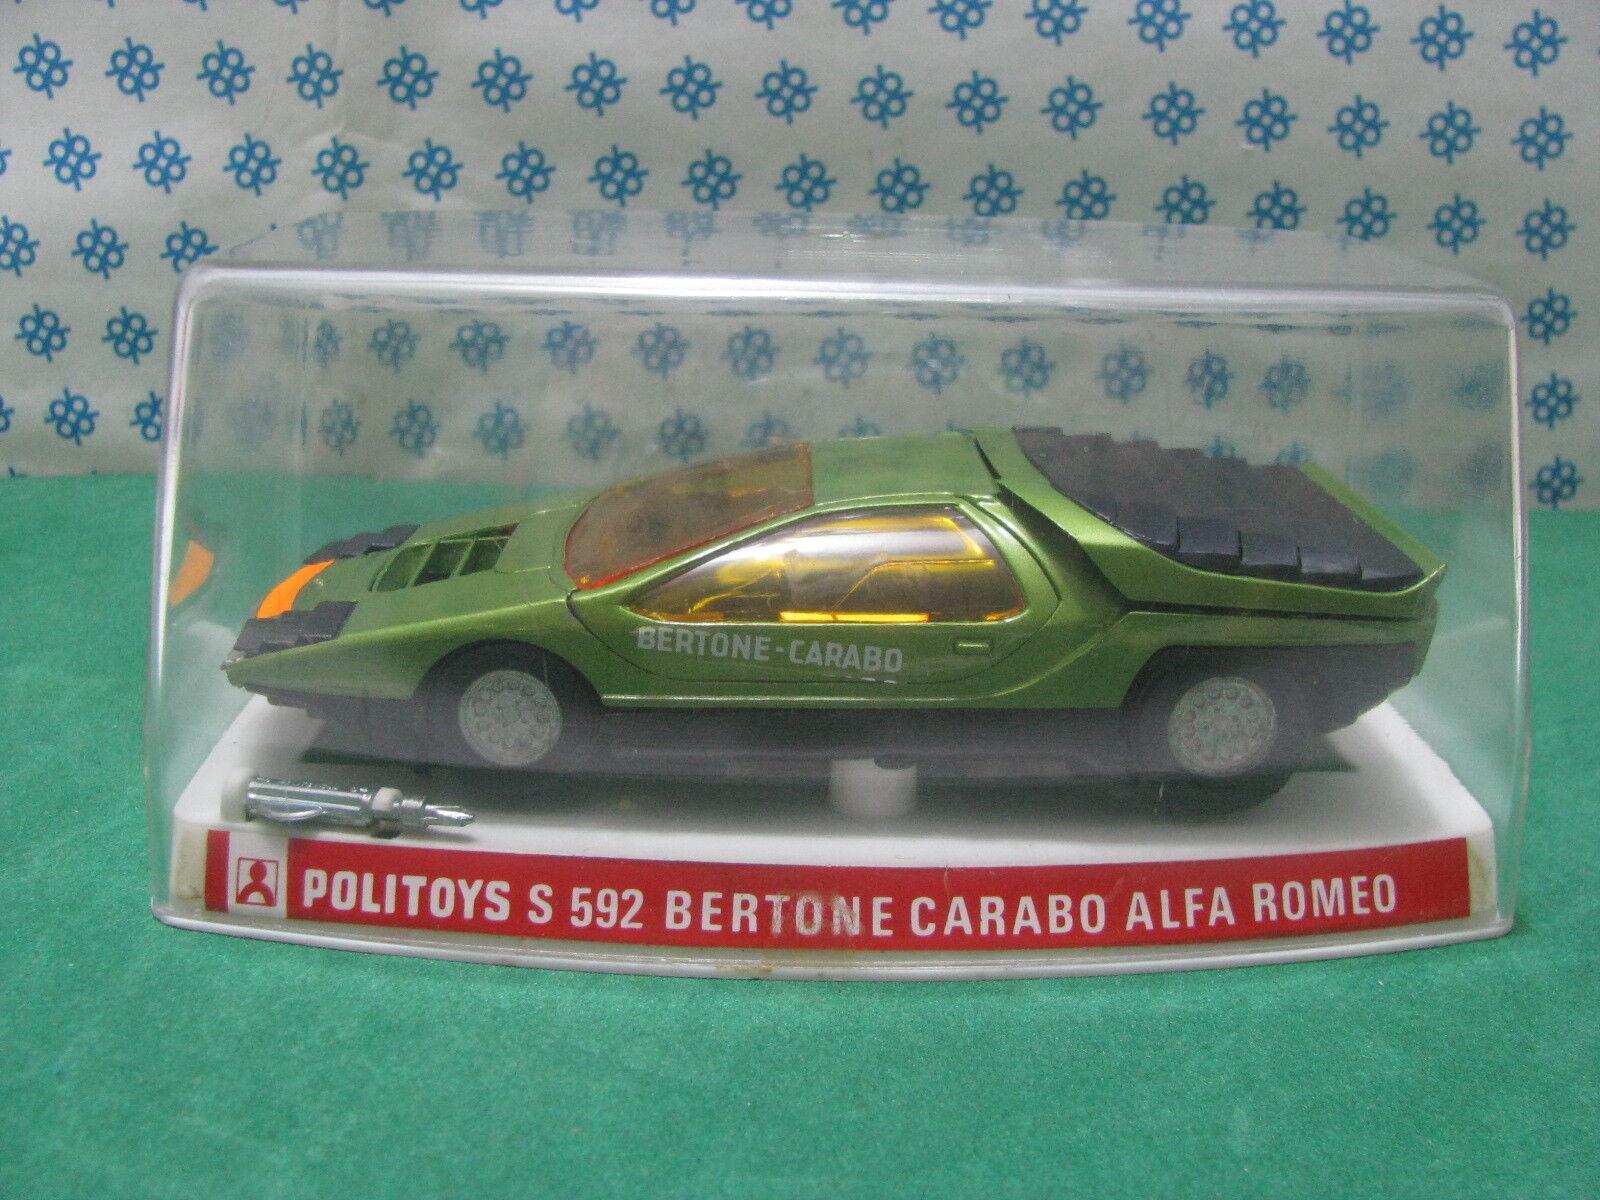 Vintage - ALFA ROMEO CARABO ERTONE - 1 25 Politoys-S 592